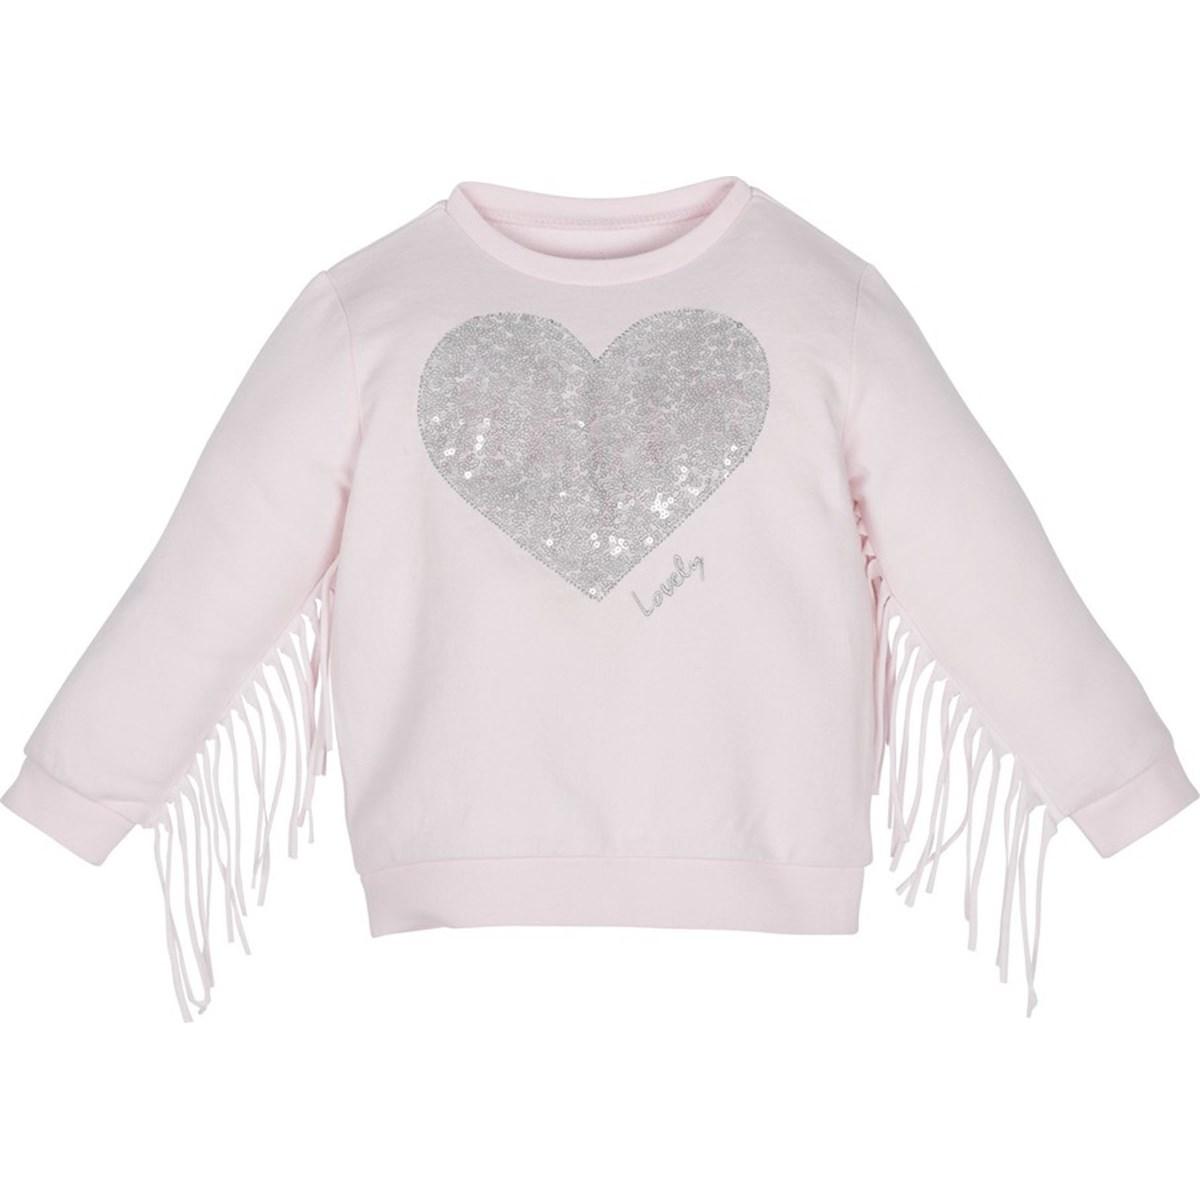 12406 Sweatshirt 1